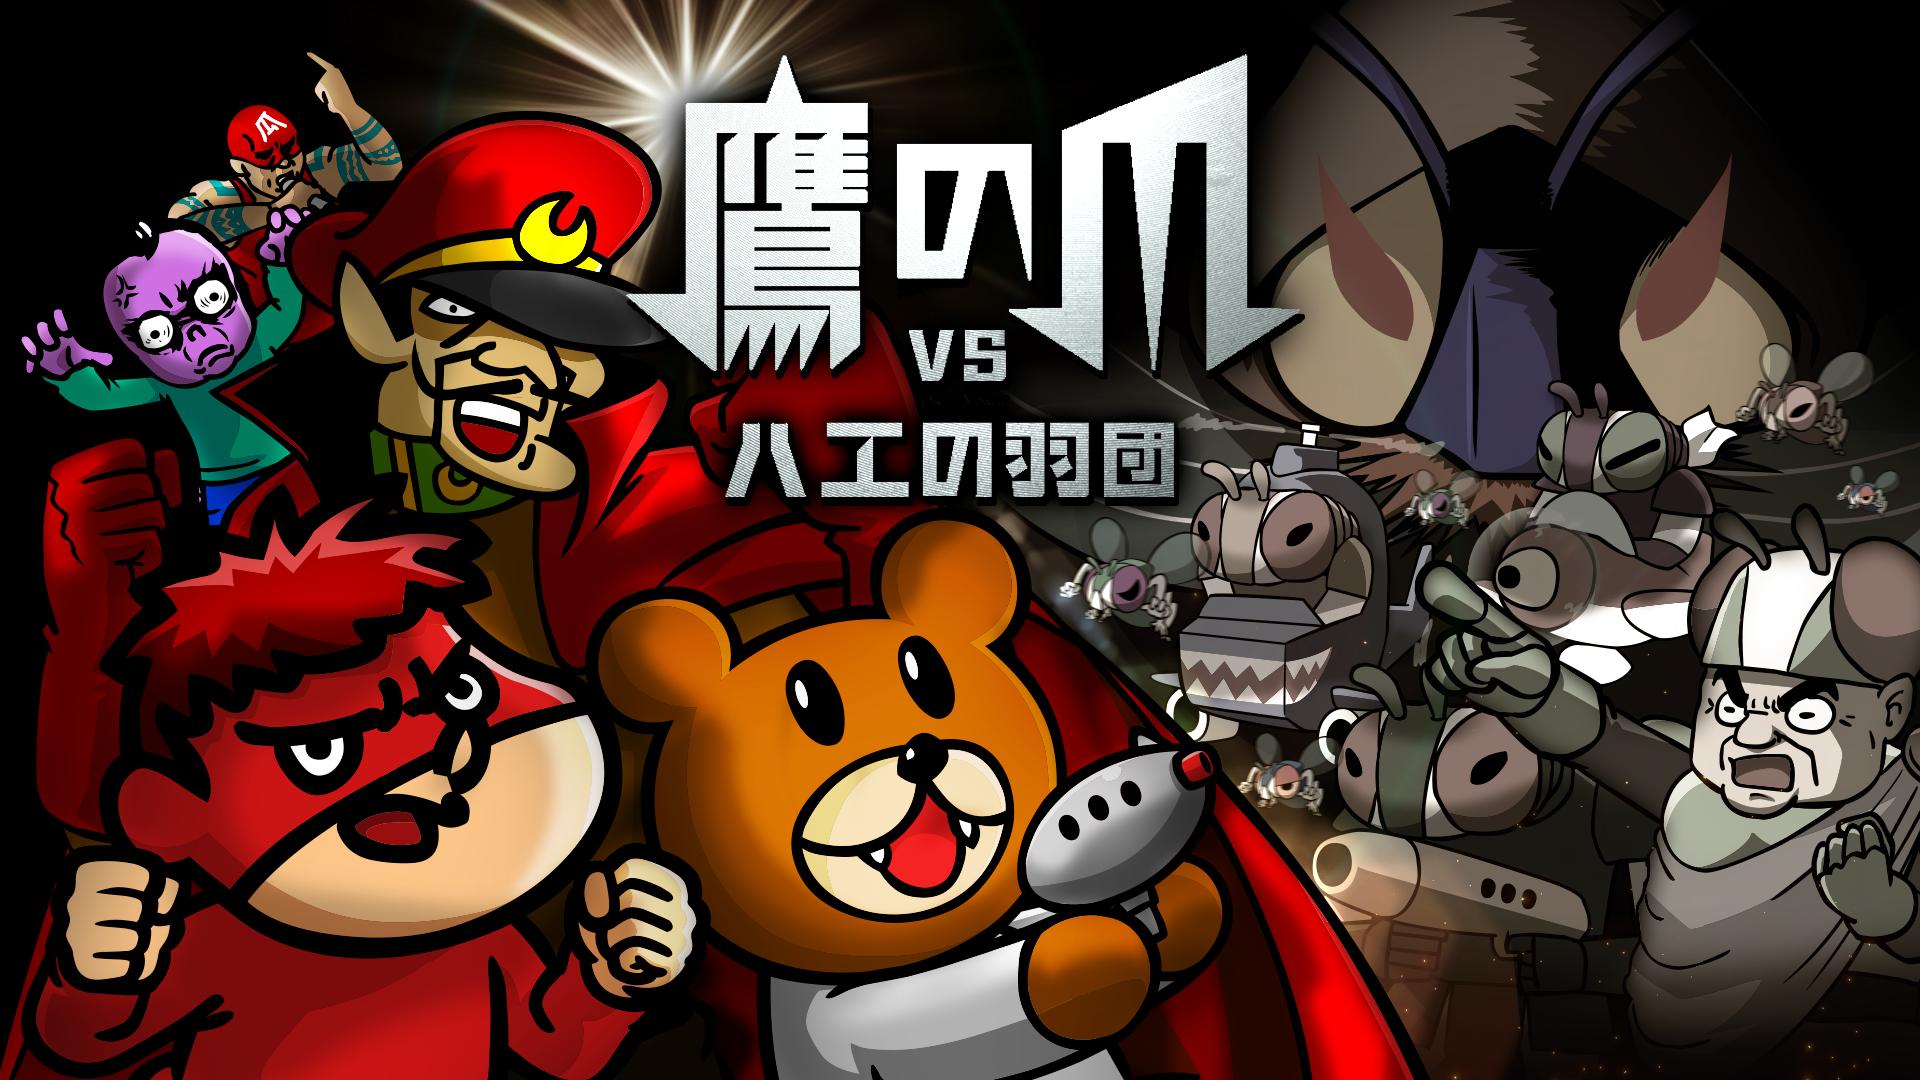 【鷹の爪】Nintendo Switch用 くそムズ ゲーム「鷹の爪VSハエの羽団」今秋配信!